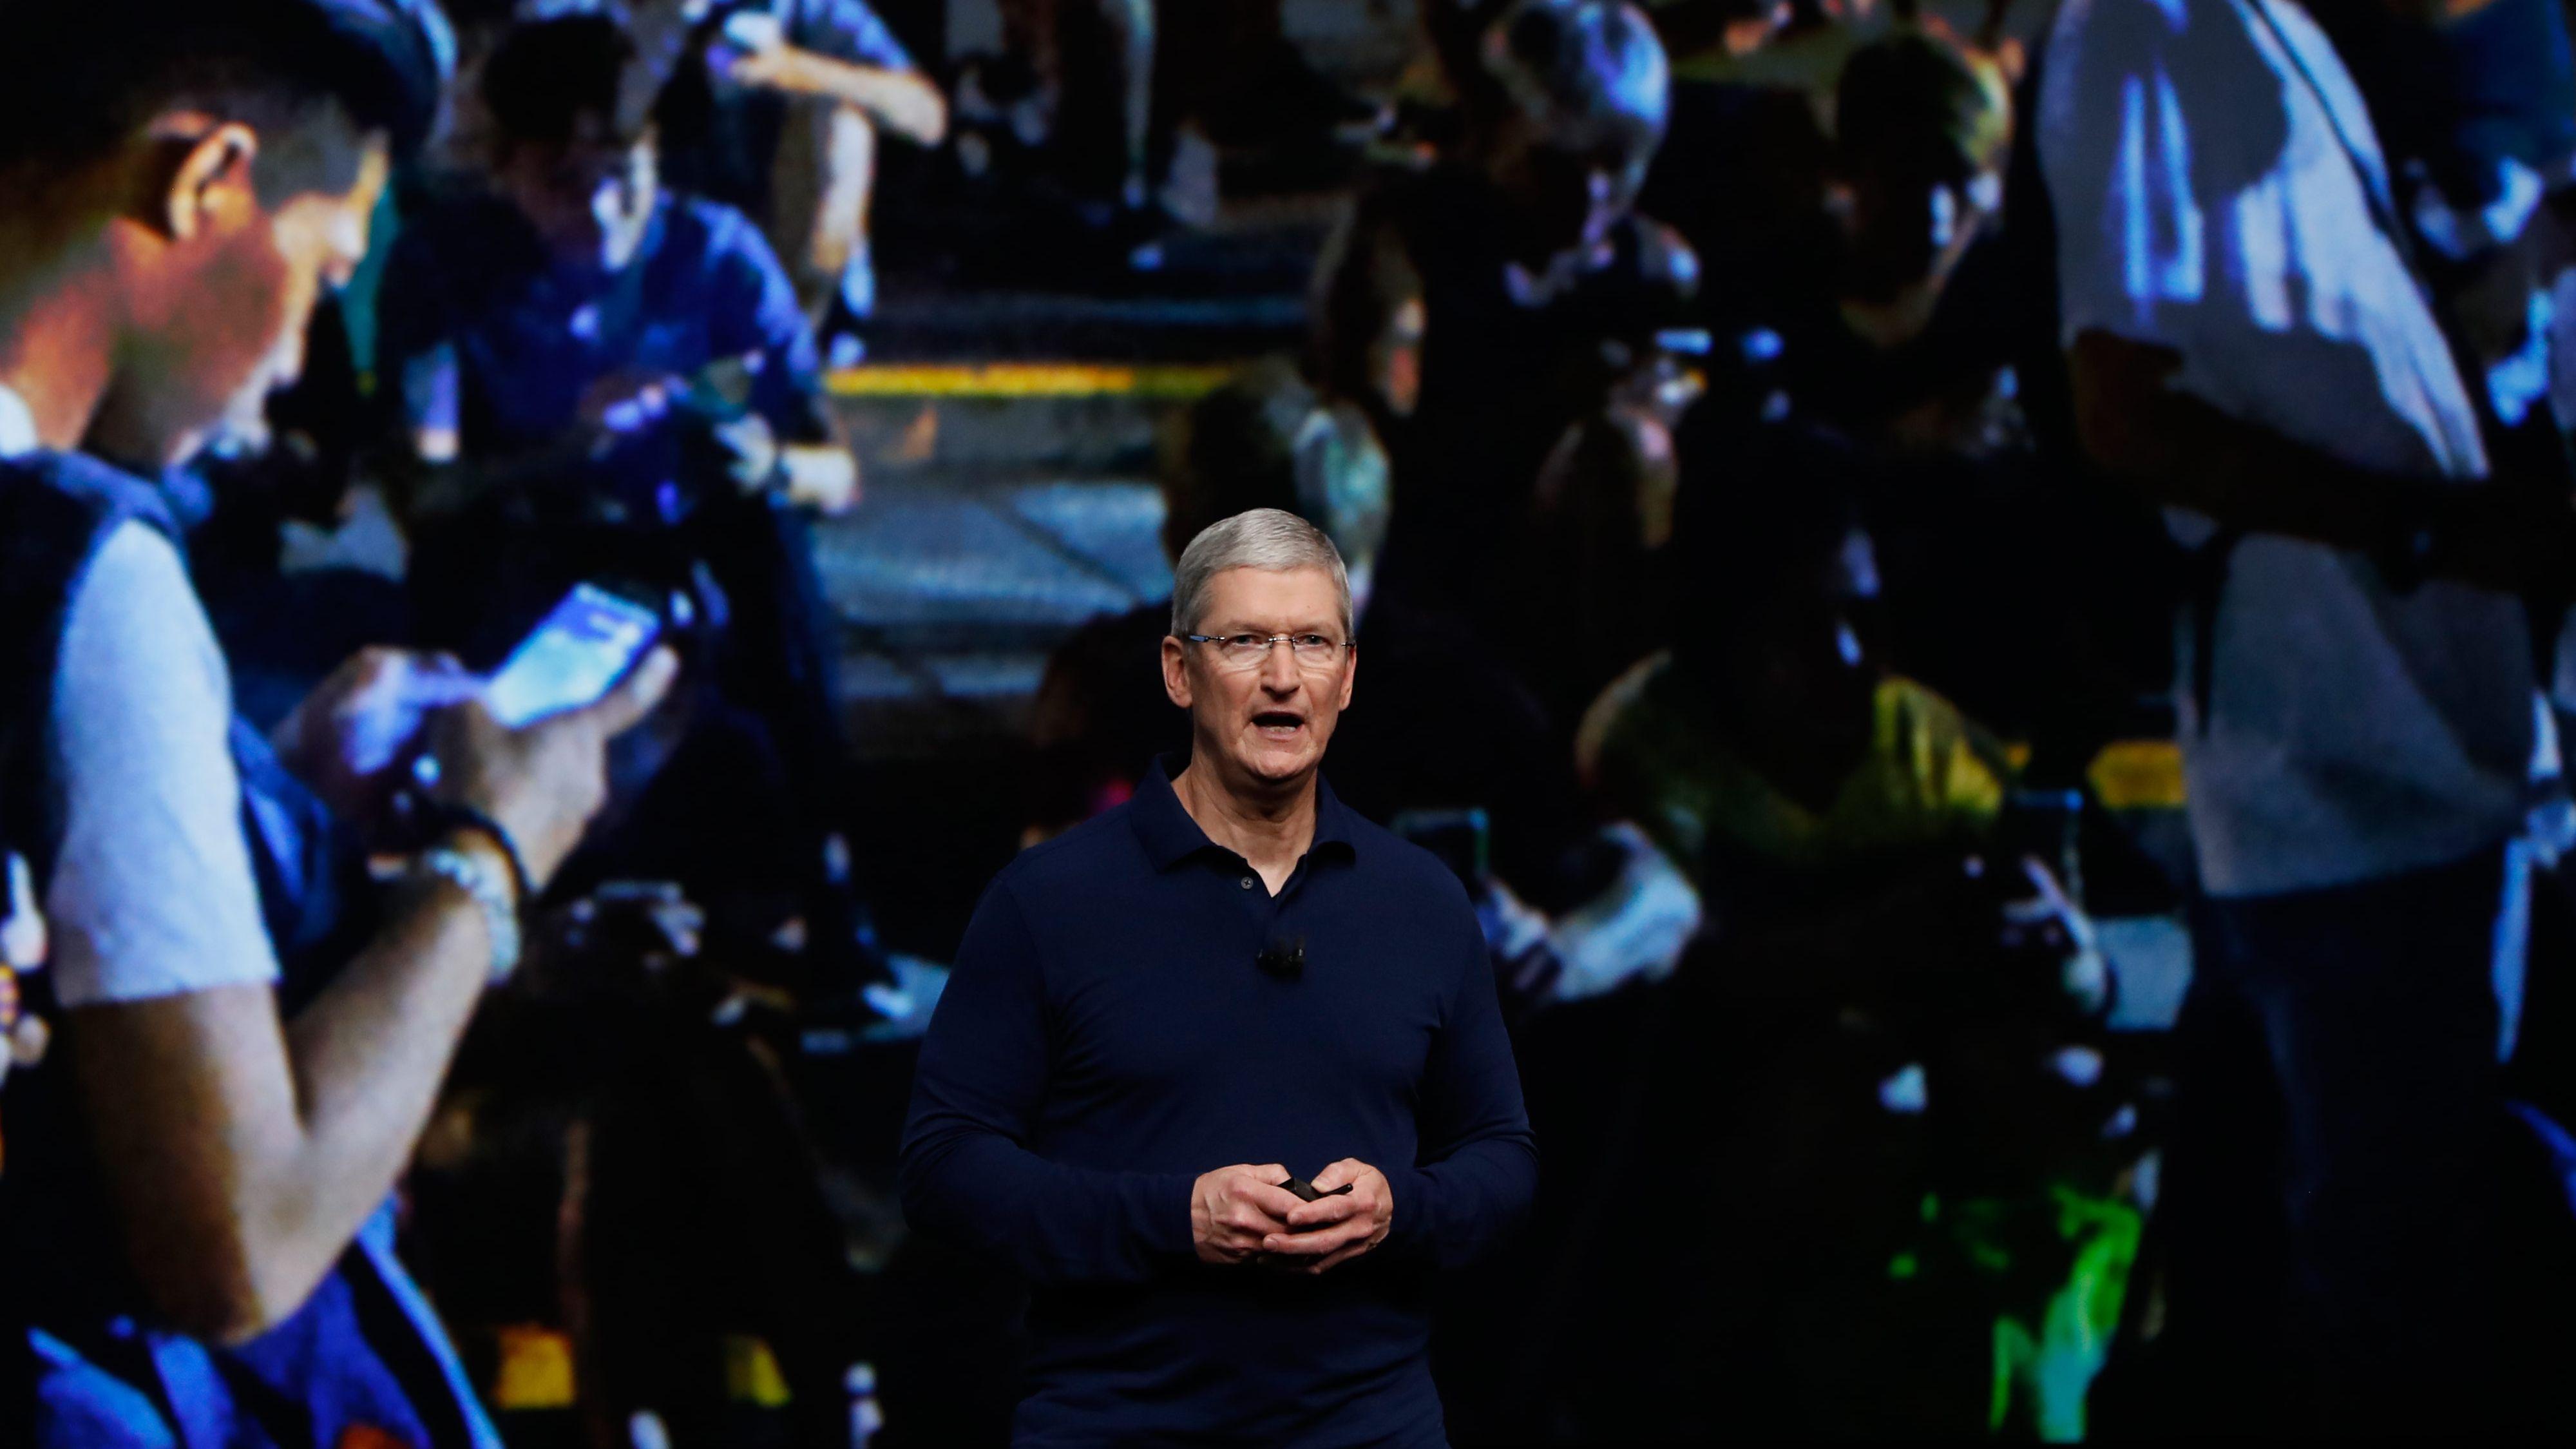 アップルの10億ドル基金はトランプの「製造業復活」に応えるか?